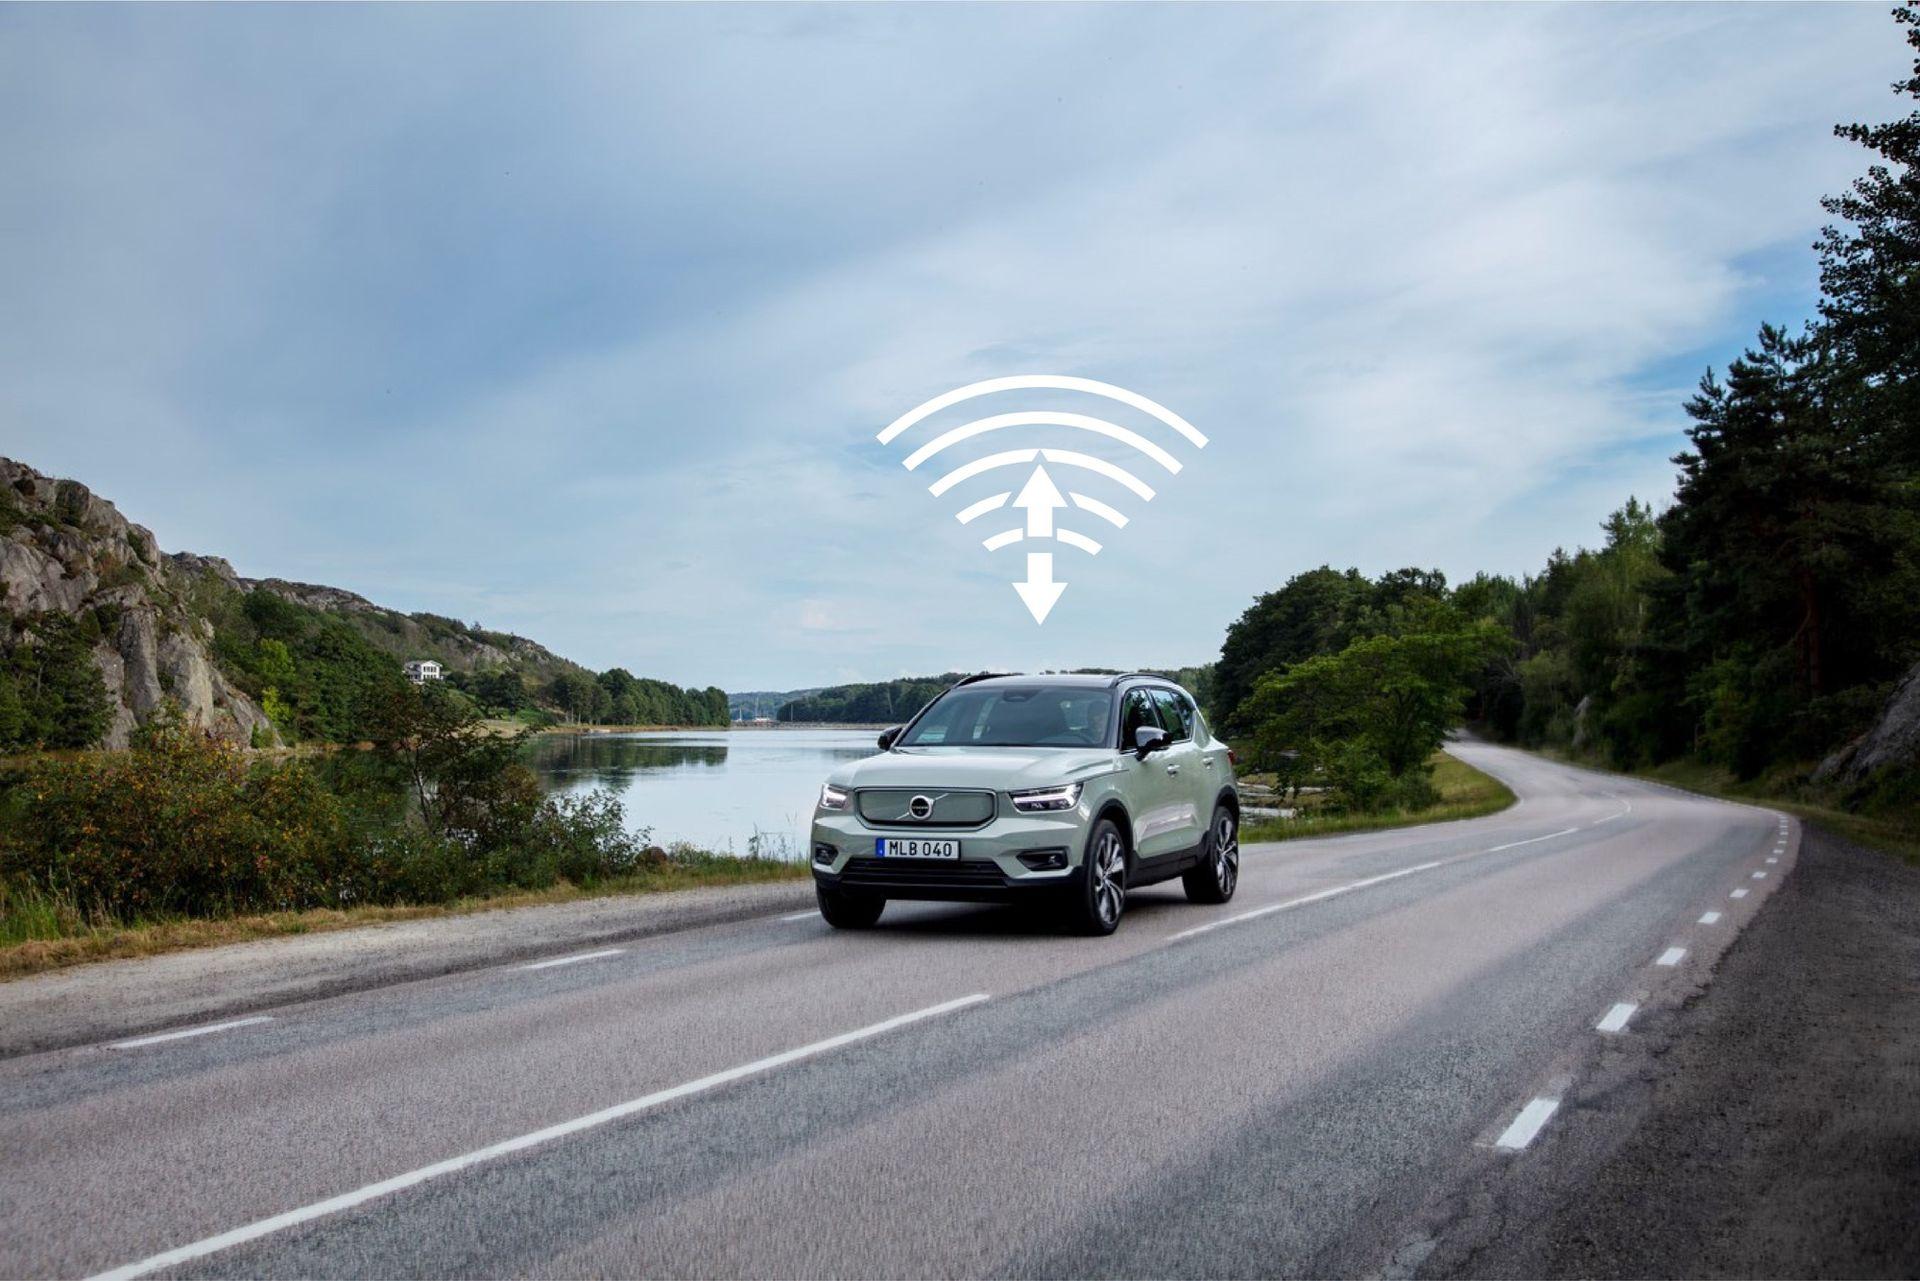 Volvo XC40 Recharge får sin första OTA-uppdatering